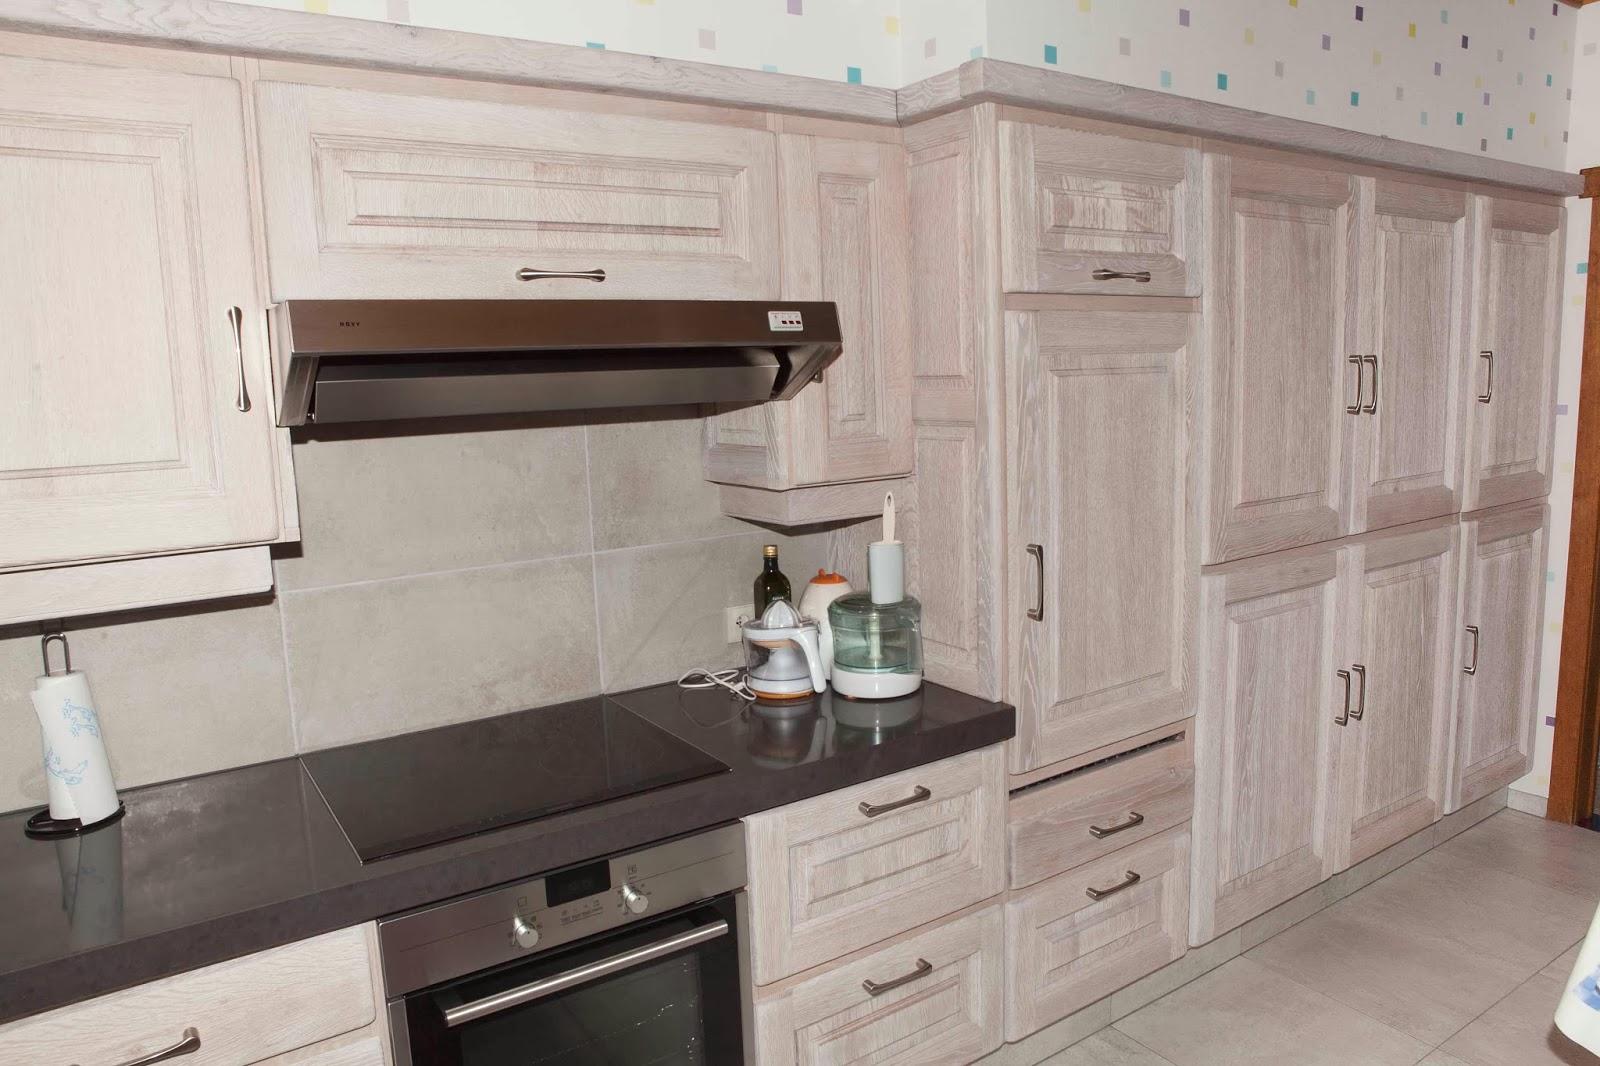 Renovatie Van Keukens : Renovatie van eiken keukens: renovatie eiken keuken oudenaarde